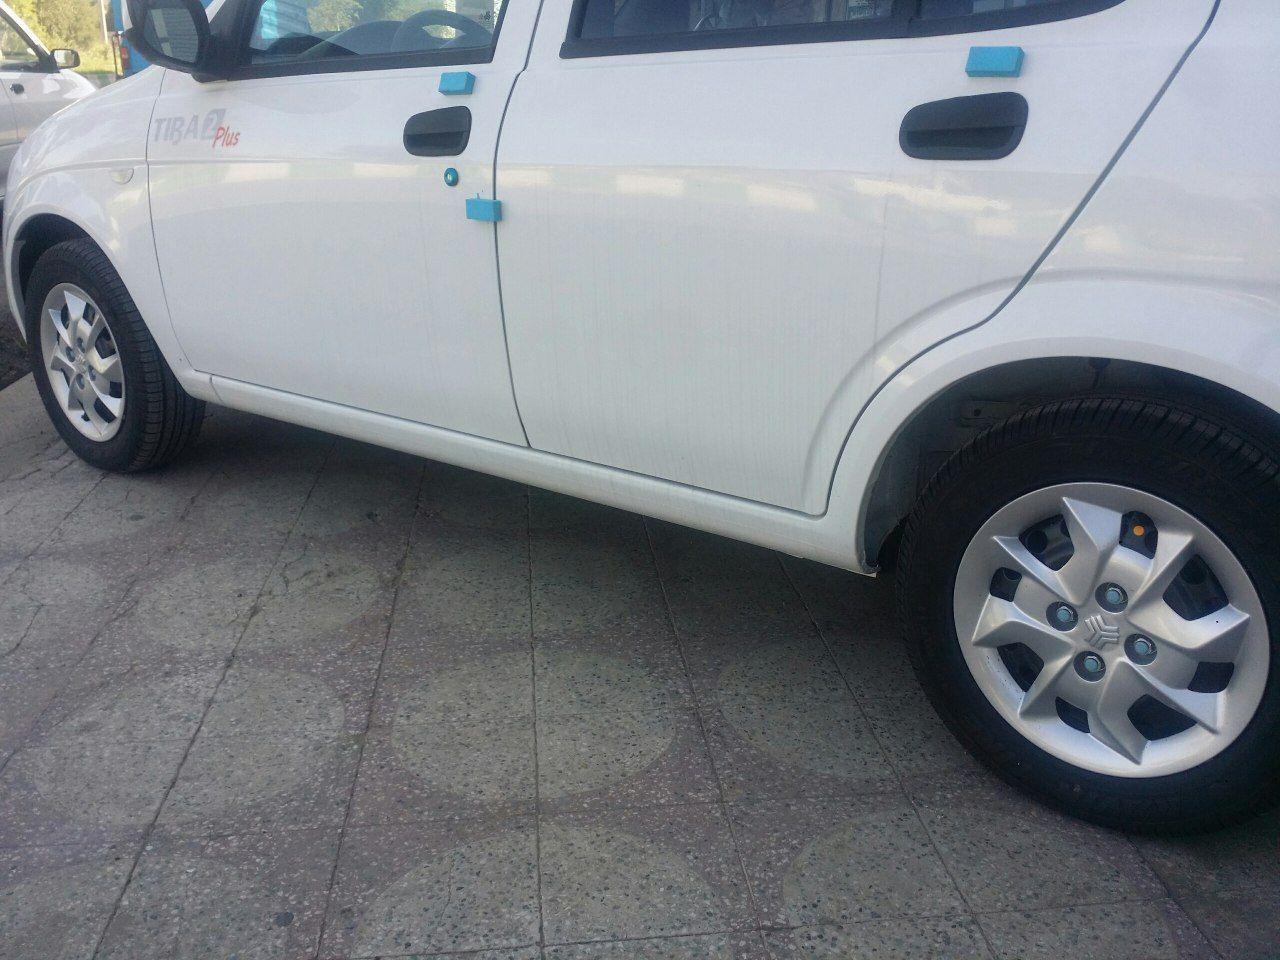 (عکس) تحویل اولین سری خودرو تیبا2 پلاس به مشتریان